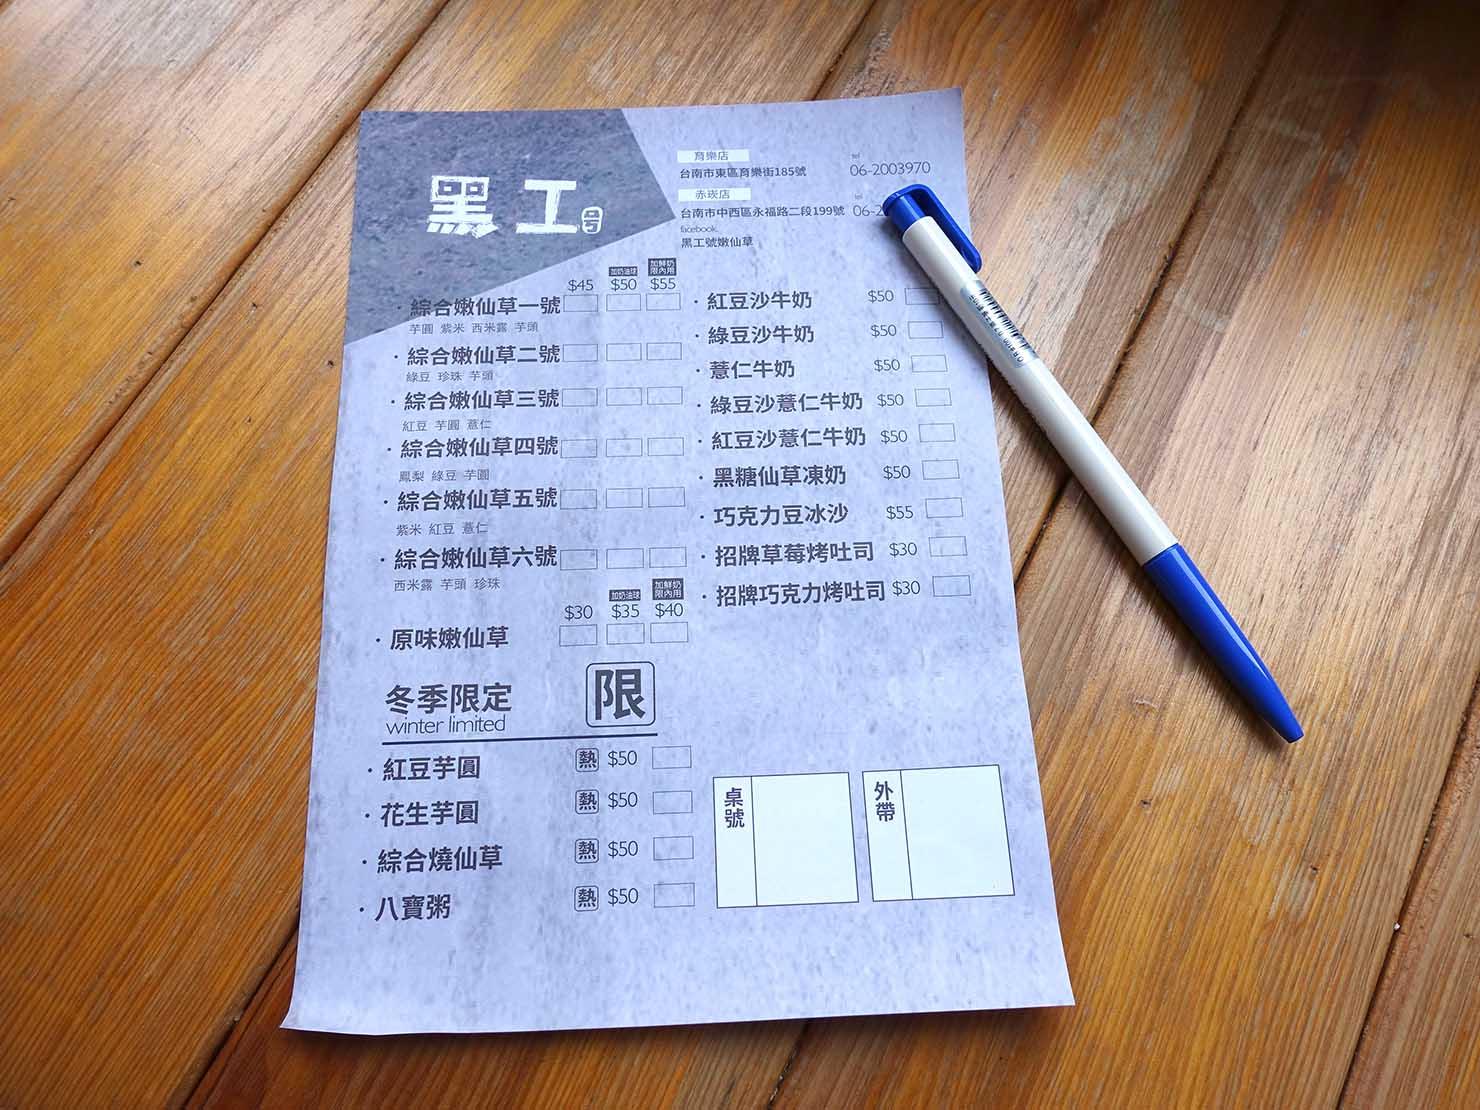 台南・赤崁樓周辺のおすすめグルメ店「黑工號嫩仙草」のメニュー